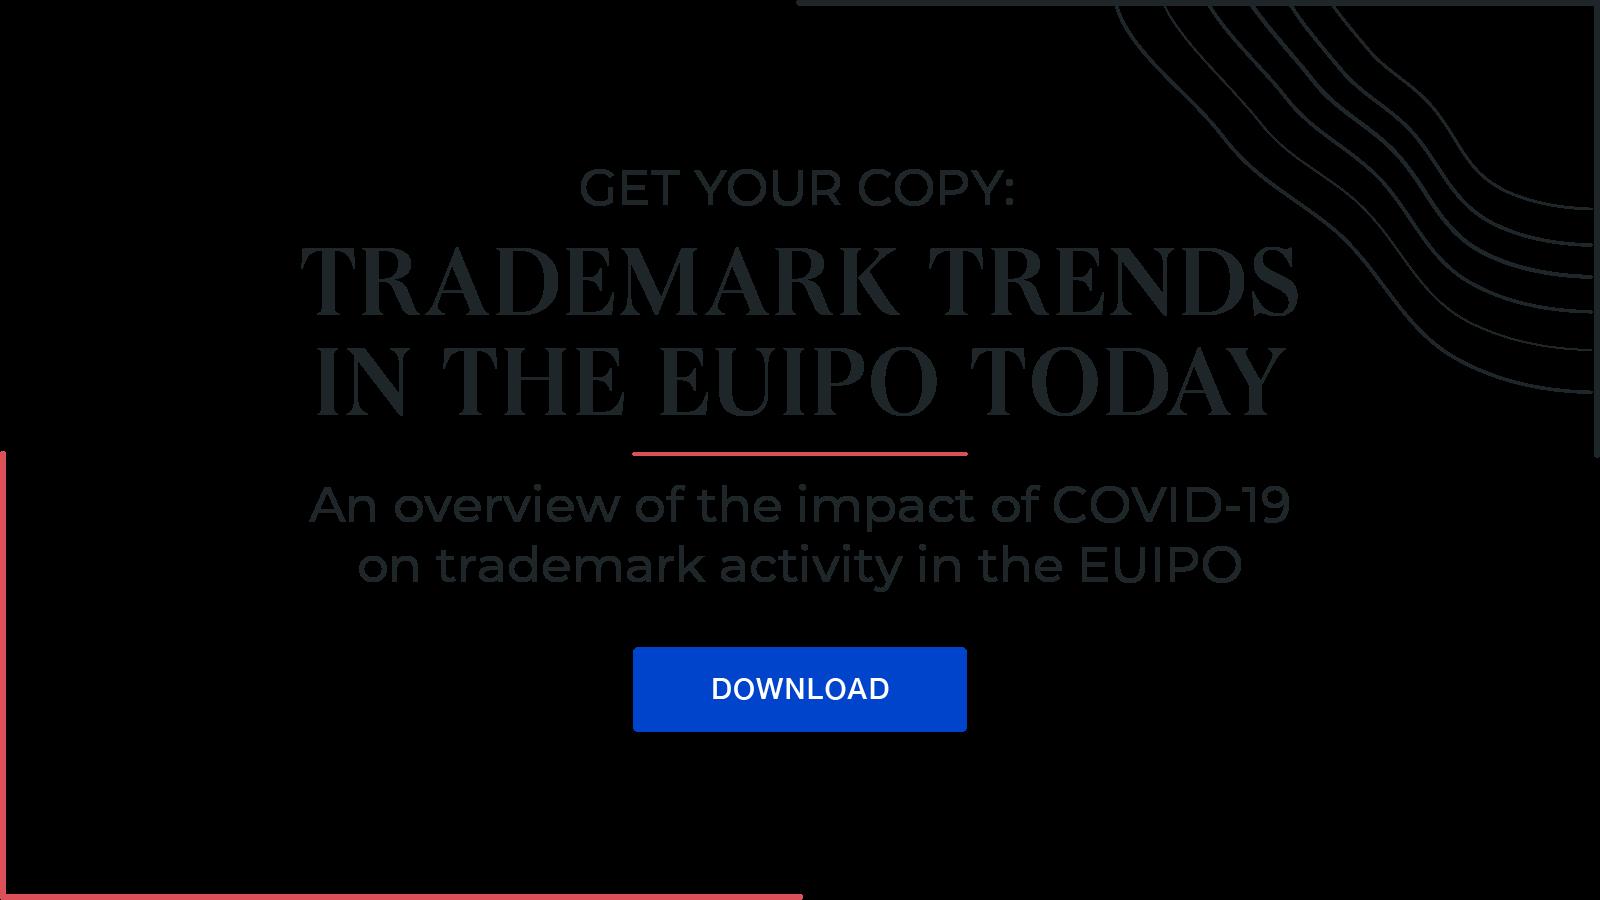 Trademark Report - Trademark Trends in the EUIPO Today